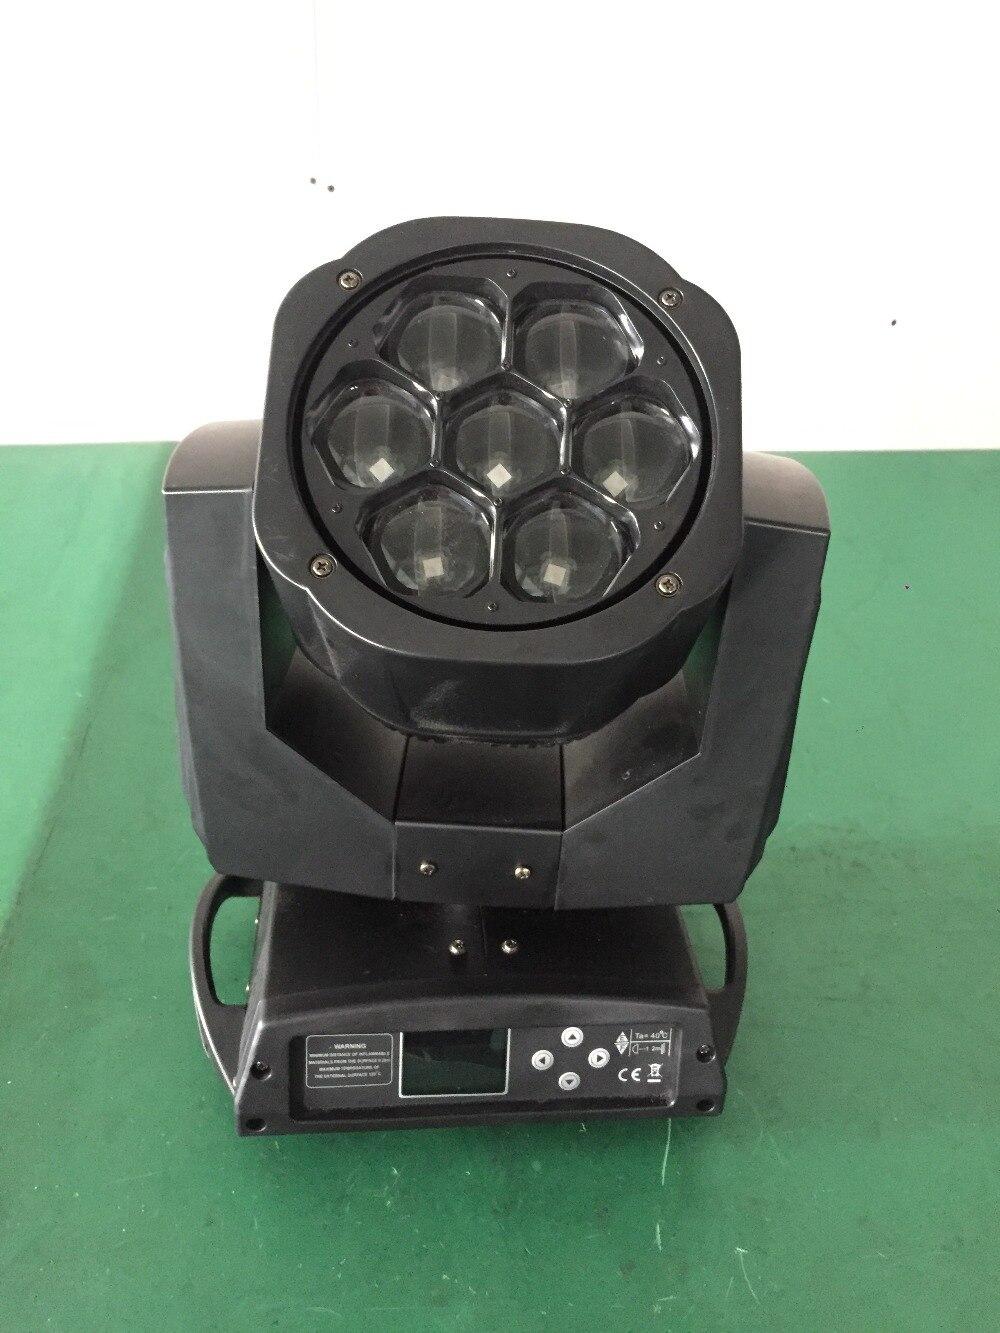 4 шт./лот светодиодный мини Би глаз зум перемещающаяся головка 7 шт. * 15 Вт cree RGBW светодиодные огни этапе с flight чехол вращения объектива dmx dj обо